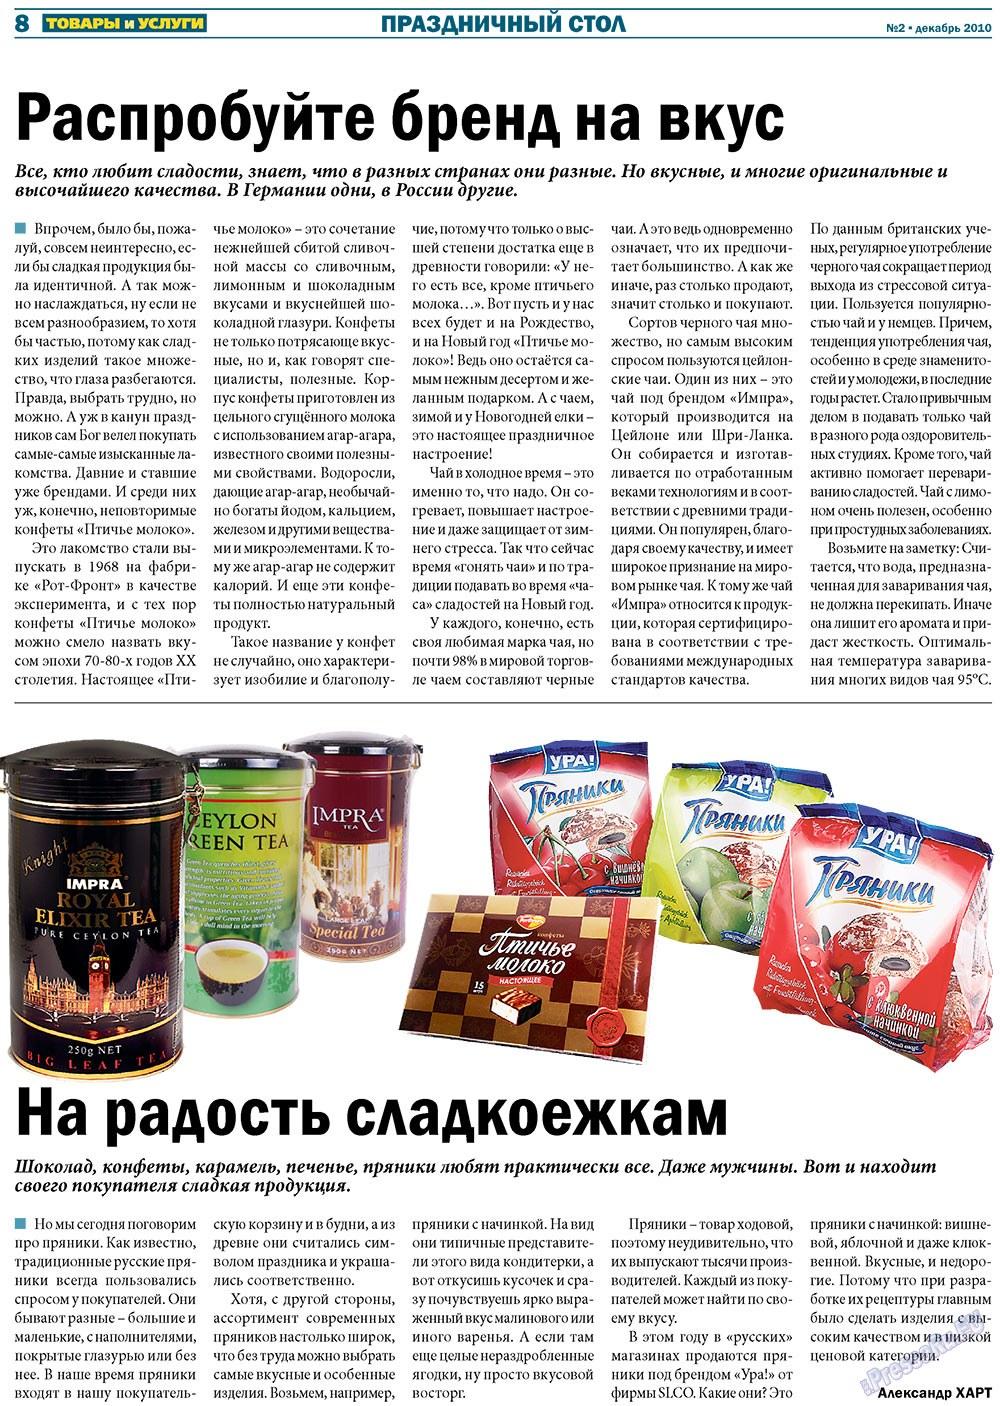 Товары и услуги (газета). 2010 год, номер 2, стр. 8